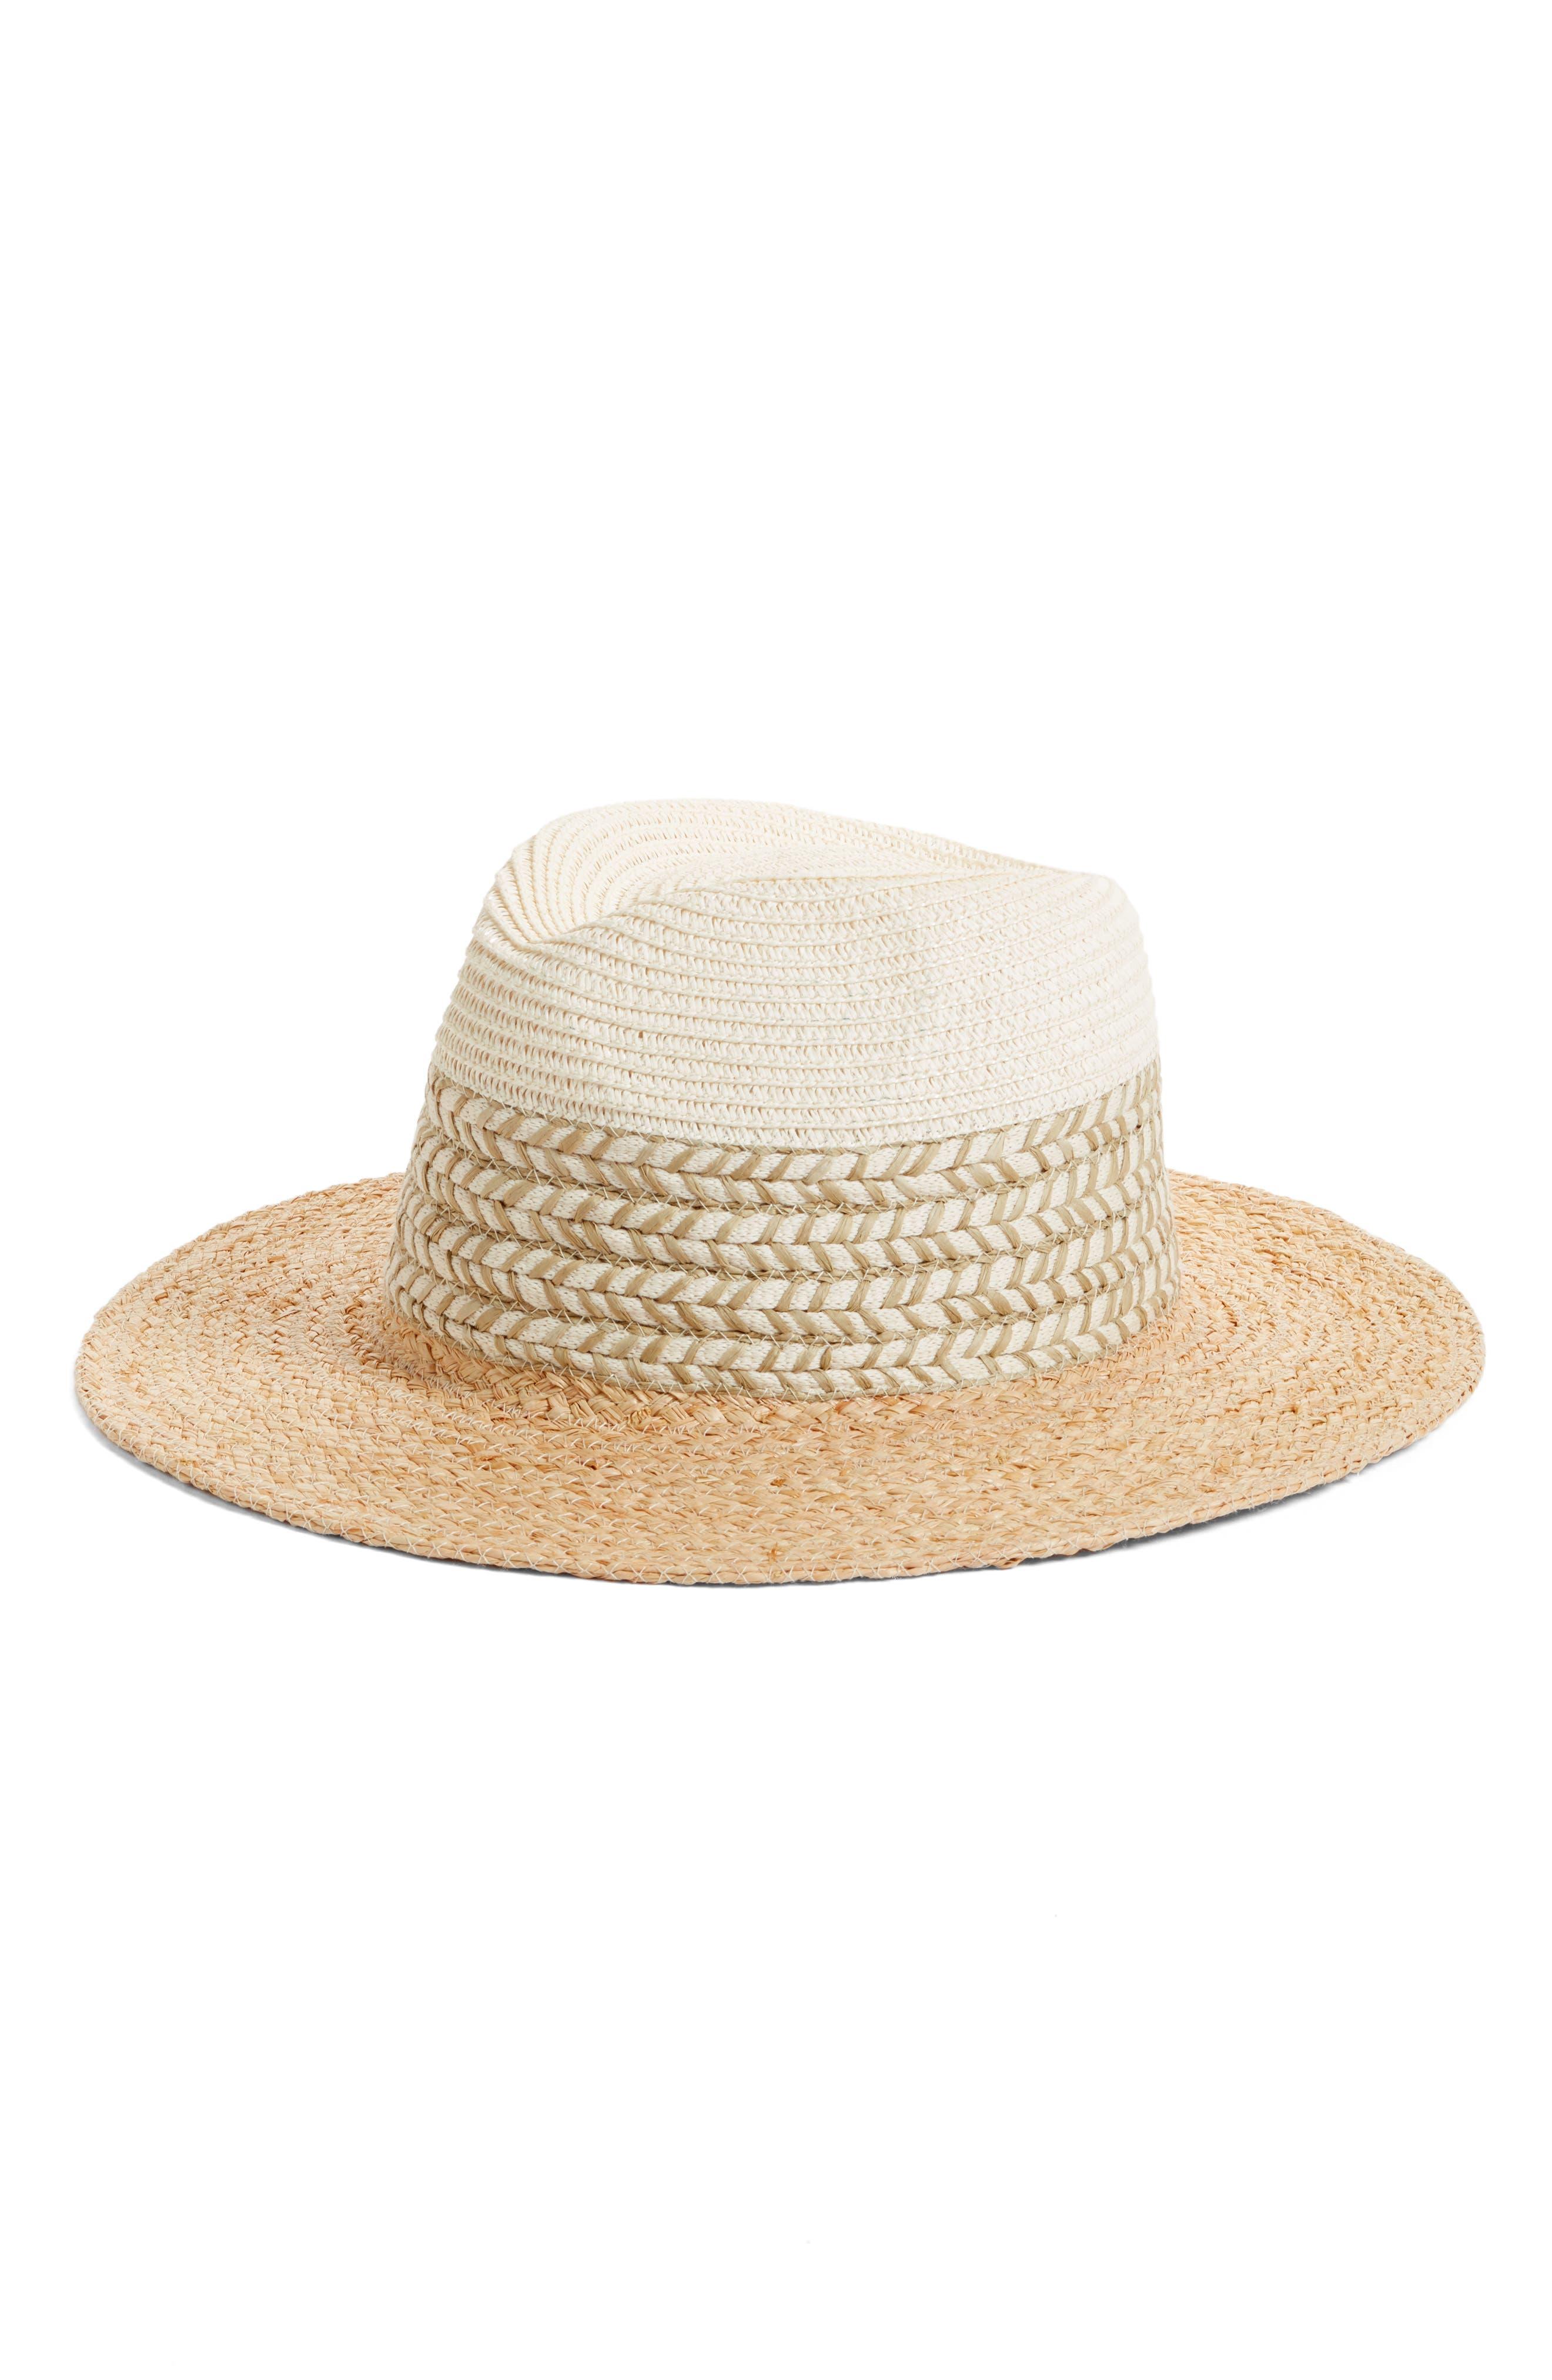 Mixed Media Panama Hat,                             Main thumbnail 1, color,                             235